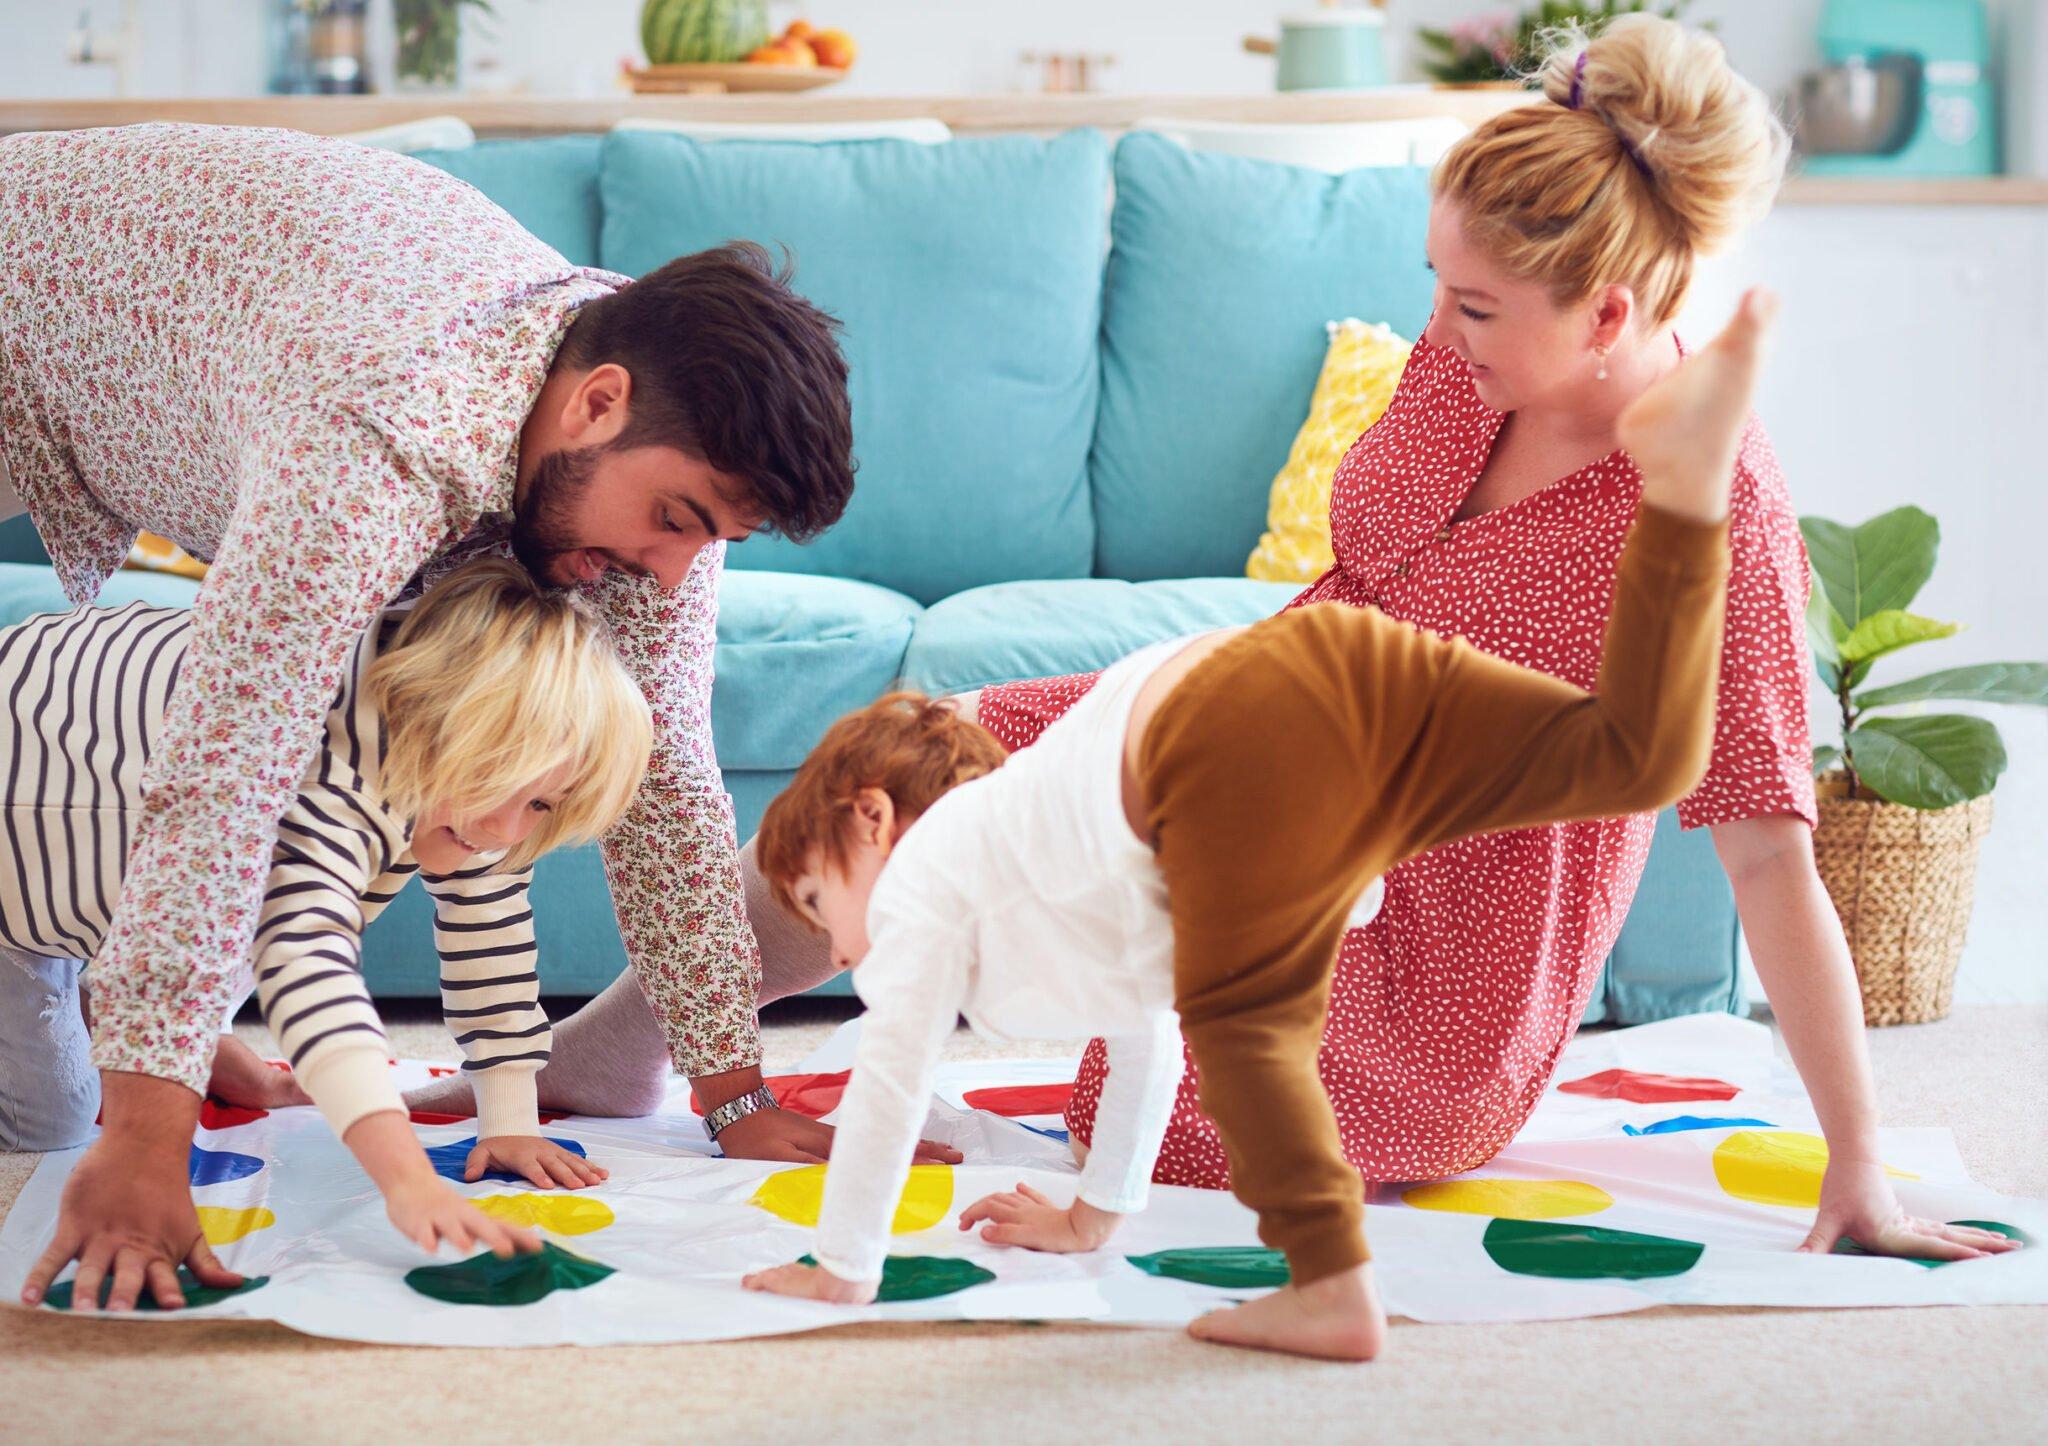 Samen spelen door kinderen (broer en zus) van verschillende leeftijden - Mamaliefde.nl